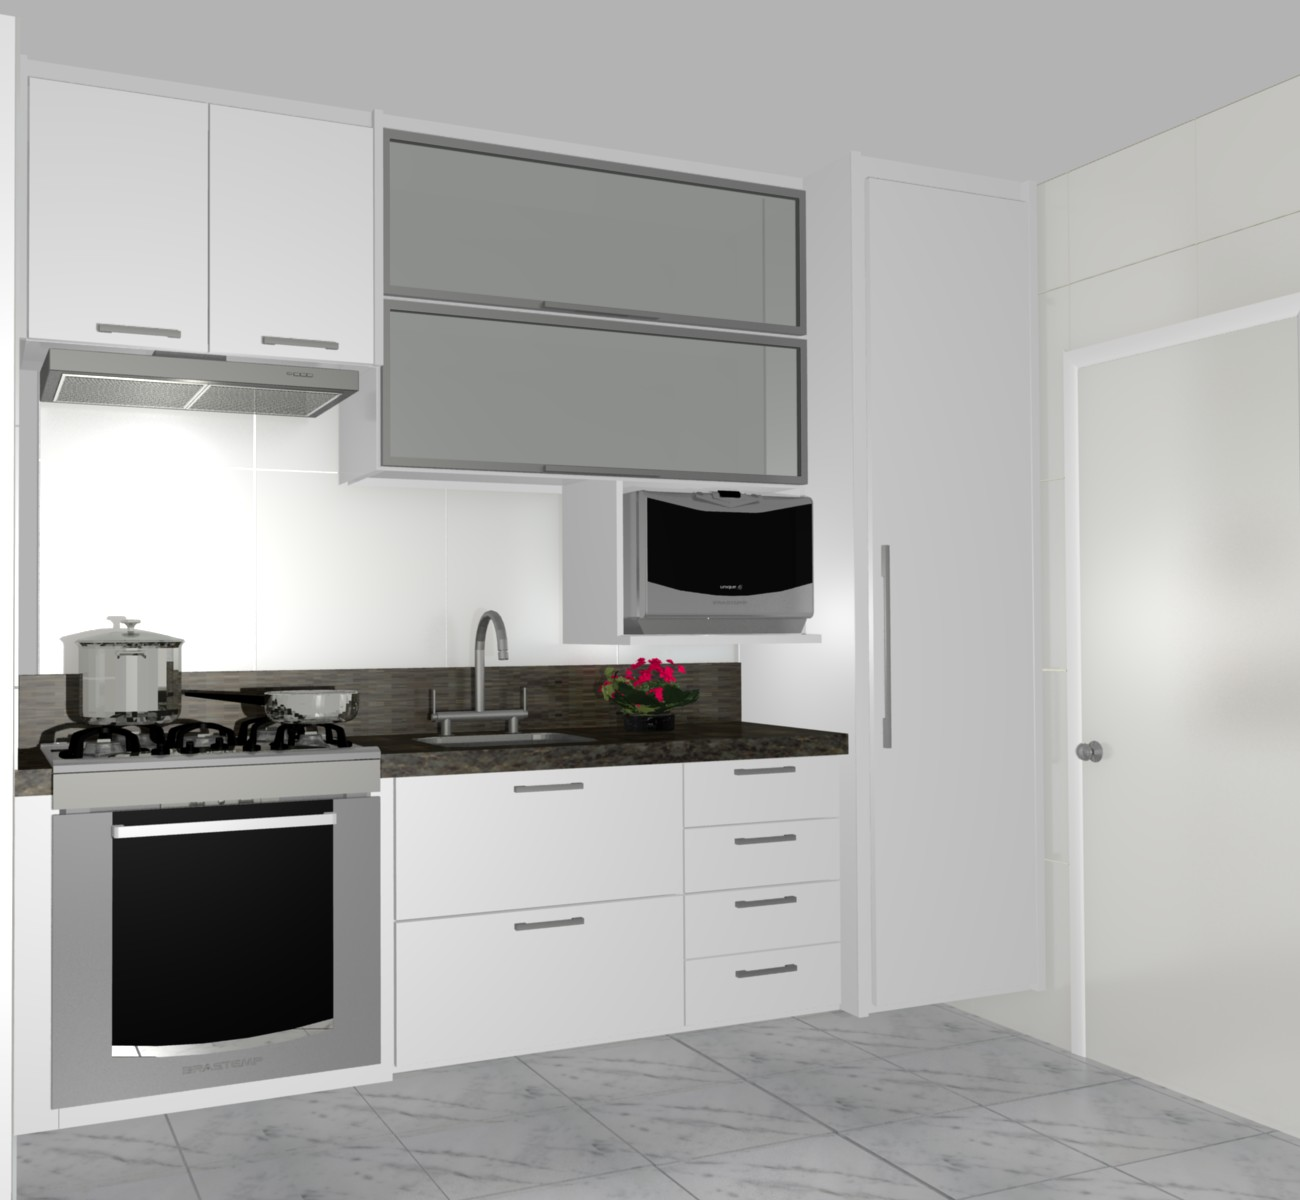 cozinha planejadas pequenas decorada americana modulada luxo moderna  #693840 1300 1200